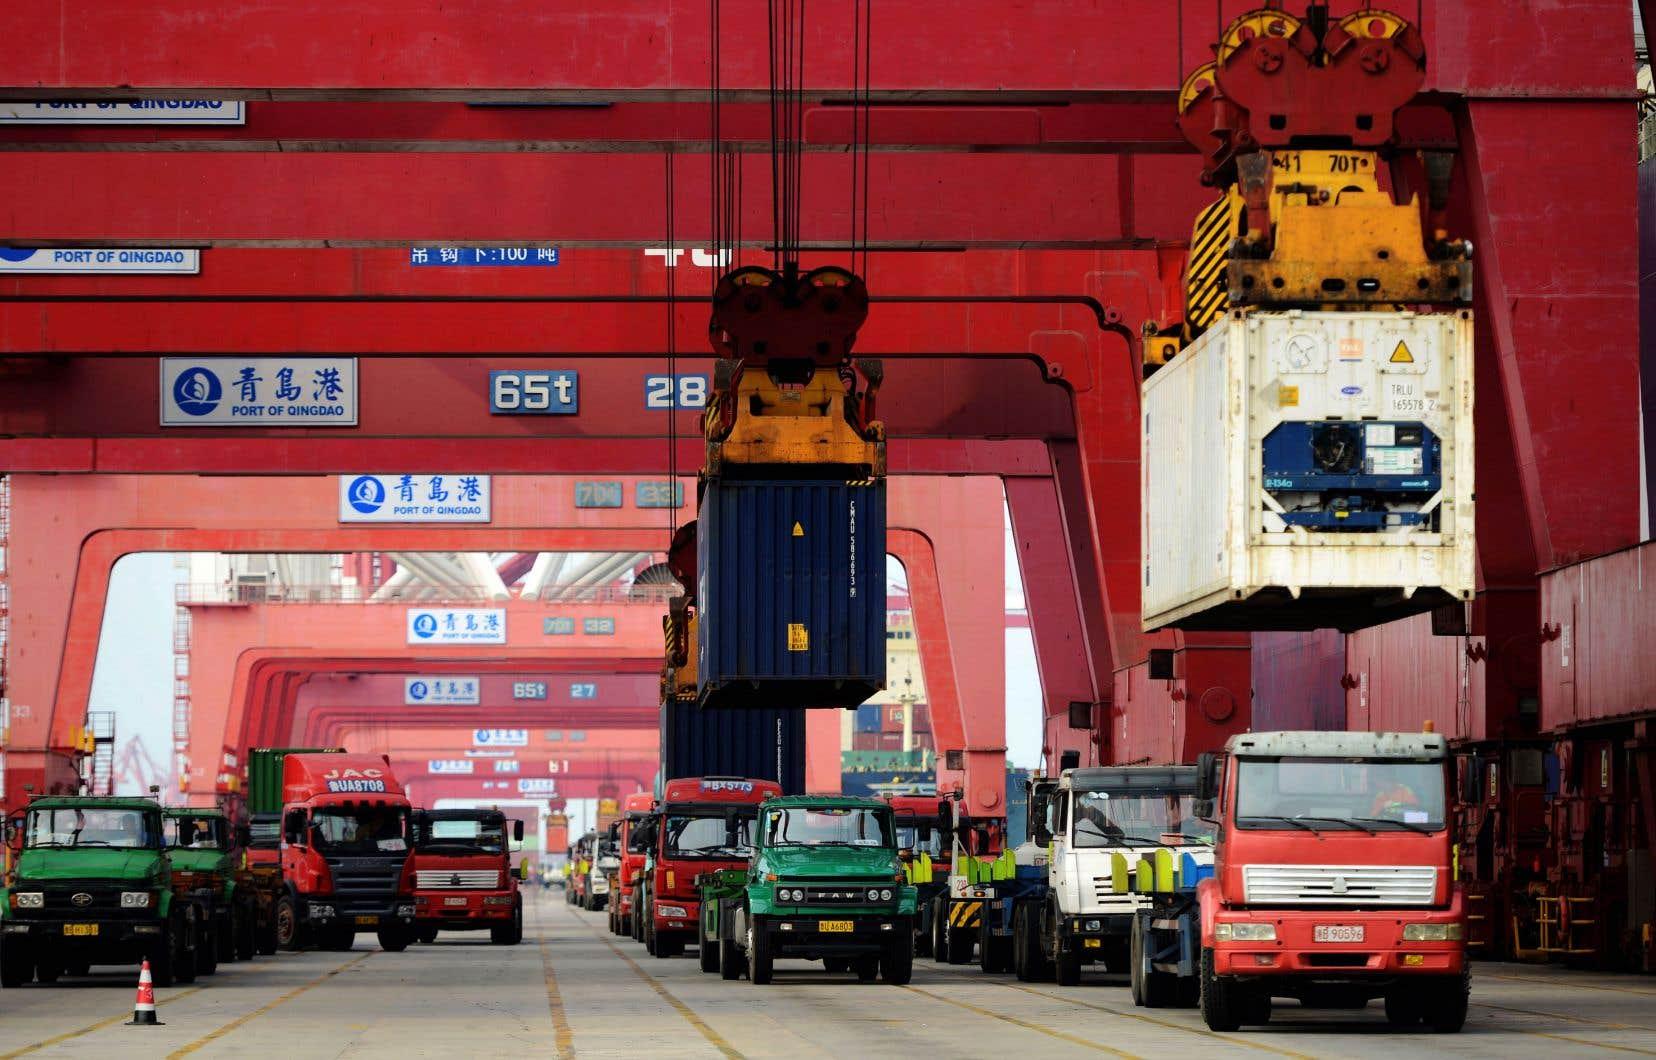 Le développement des relations commerciales avec la Chine s'est traduit par un creusement du déficit commercial des États-Unis.